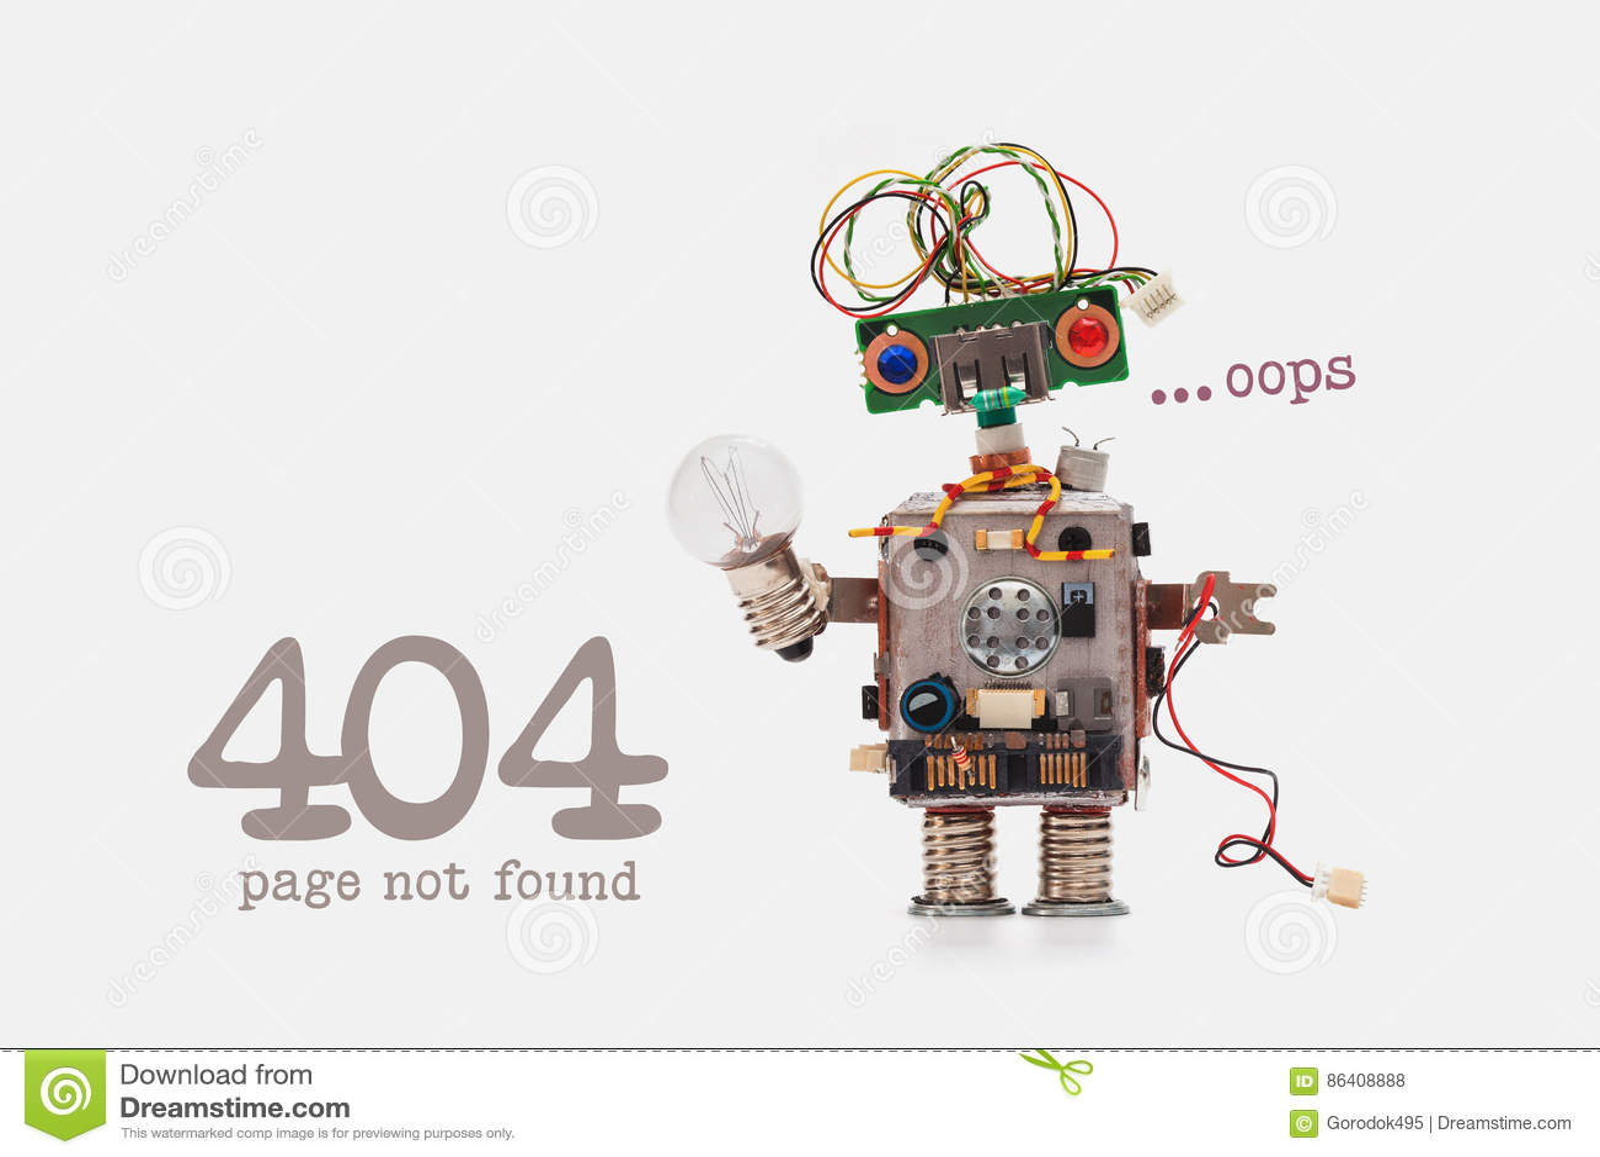 Oops inte-funnen sida för 404 fel Futuristiskt robotbegrepp med frisyren för elektrisk tråd Leksak för strömkretshålighetchip